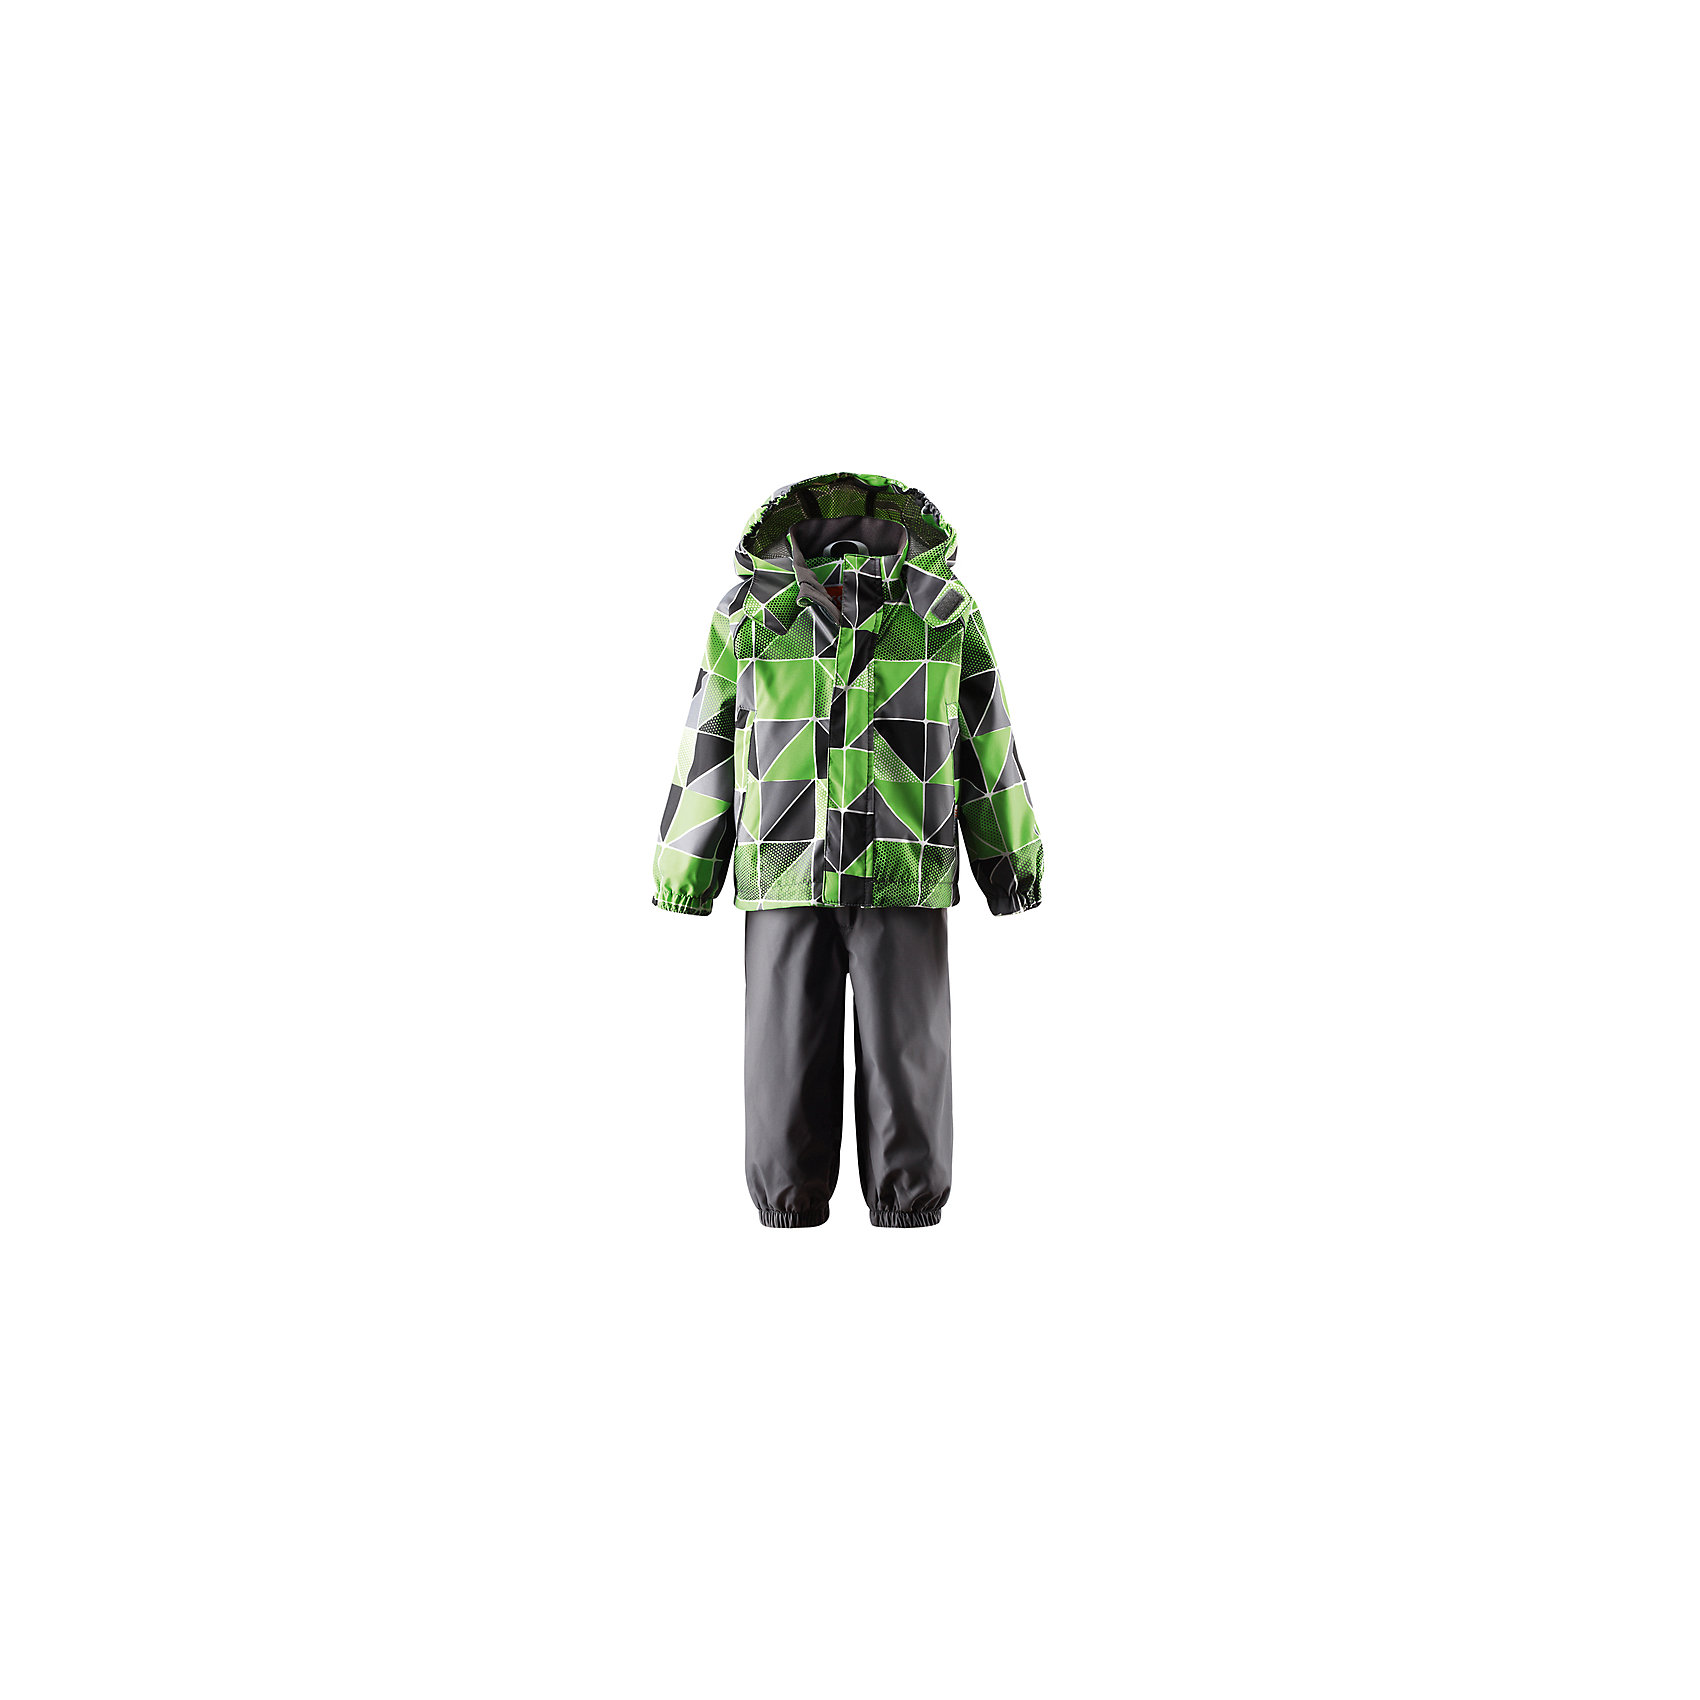 Комплект: куртка и брюки для мальчика LASSIE by ReimaБез утеплителя<br>Температурный режим: от + 5 градусов. При более низких температурах рекомендуется использовать флисовую поддеву <br>Комбинезон для малышей<br>Капюшон отстегивается<br>Съемные штрипки<br>Наружные швы проклеены<br>Карманы на липучках<br>Регулируемые подтяжки<br><br>Дополнительная информация:<br><br>Состав:<br>Материал верха: 100% полиэстер, подкладка 100% полиуретан<br>Водостойкость 5000 мм<br>Воздухопроницаемость: 3000г/м2/24г<br>Износостойкость: 20000 циклов (испытание шлифовальной шкурки на бумаге по Мартиндейлу)<br>Водо- и грязеотталкивающая пропитка<br><br>Комплект: куртка и брюки для мальчика LASSIE by Reima (Ласси от Рейма) можно купить в нашем магазине.<br><br>Ширина мм: 356<br>Глубина мм: 10<br>Высота мм: 245<br>Вес г: 519<br>Цвет: зеленый<br>Возраст от месяцев: 9<br>Возраст до месяцев: 12<br>Пол: Мужской<br>Возраст: Детский<br>Размер: 80,92,86,74,98<br>SKU: 4006762